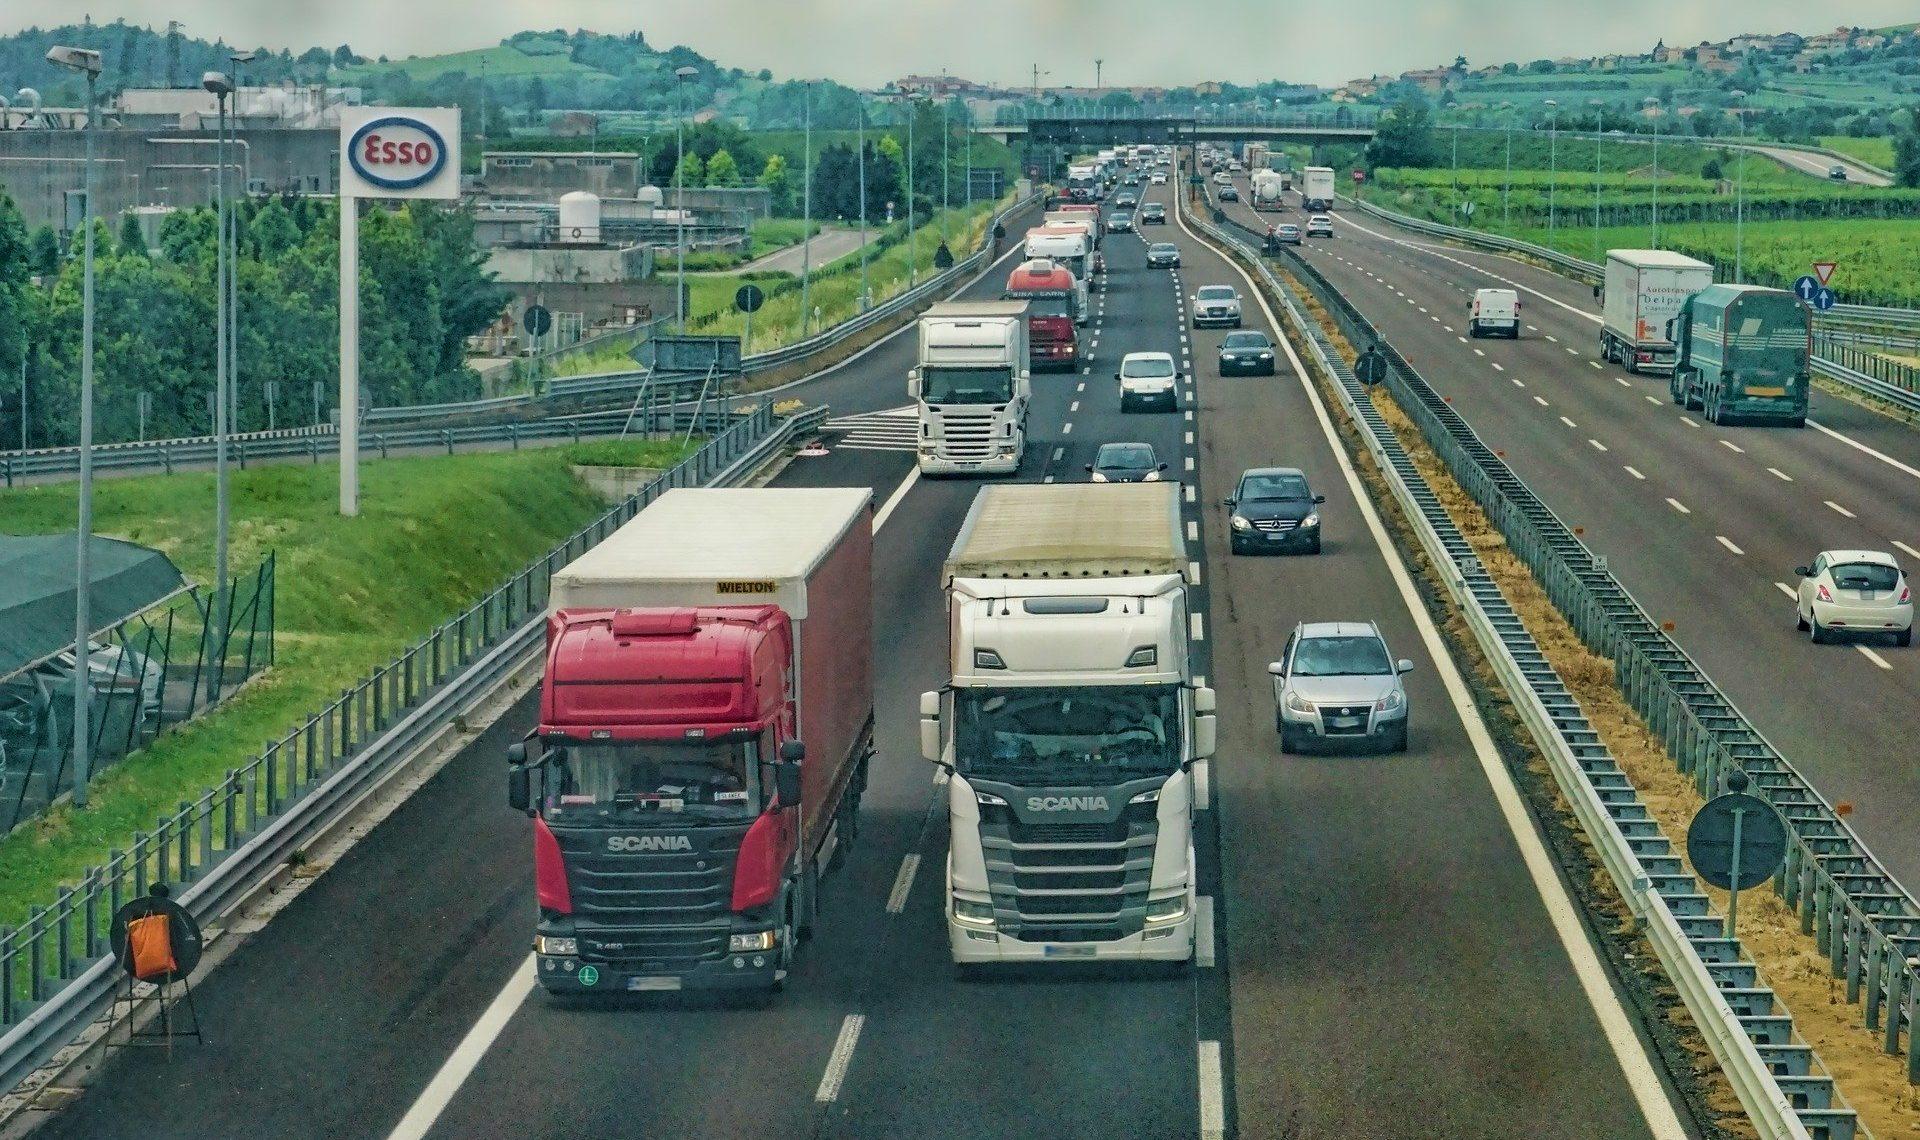 Covid-19 : levée de l'interdiction de circulation pour certains types de véhicules